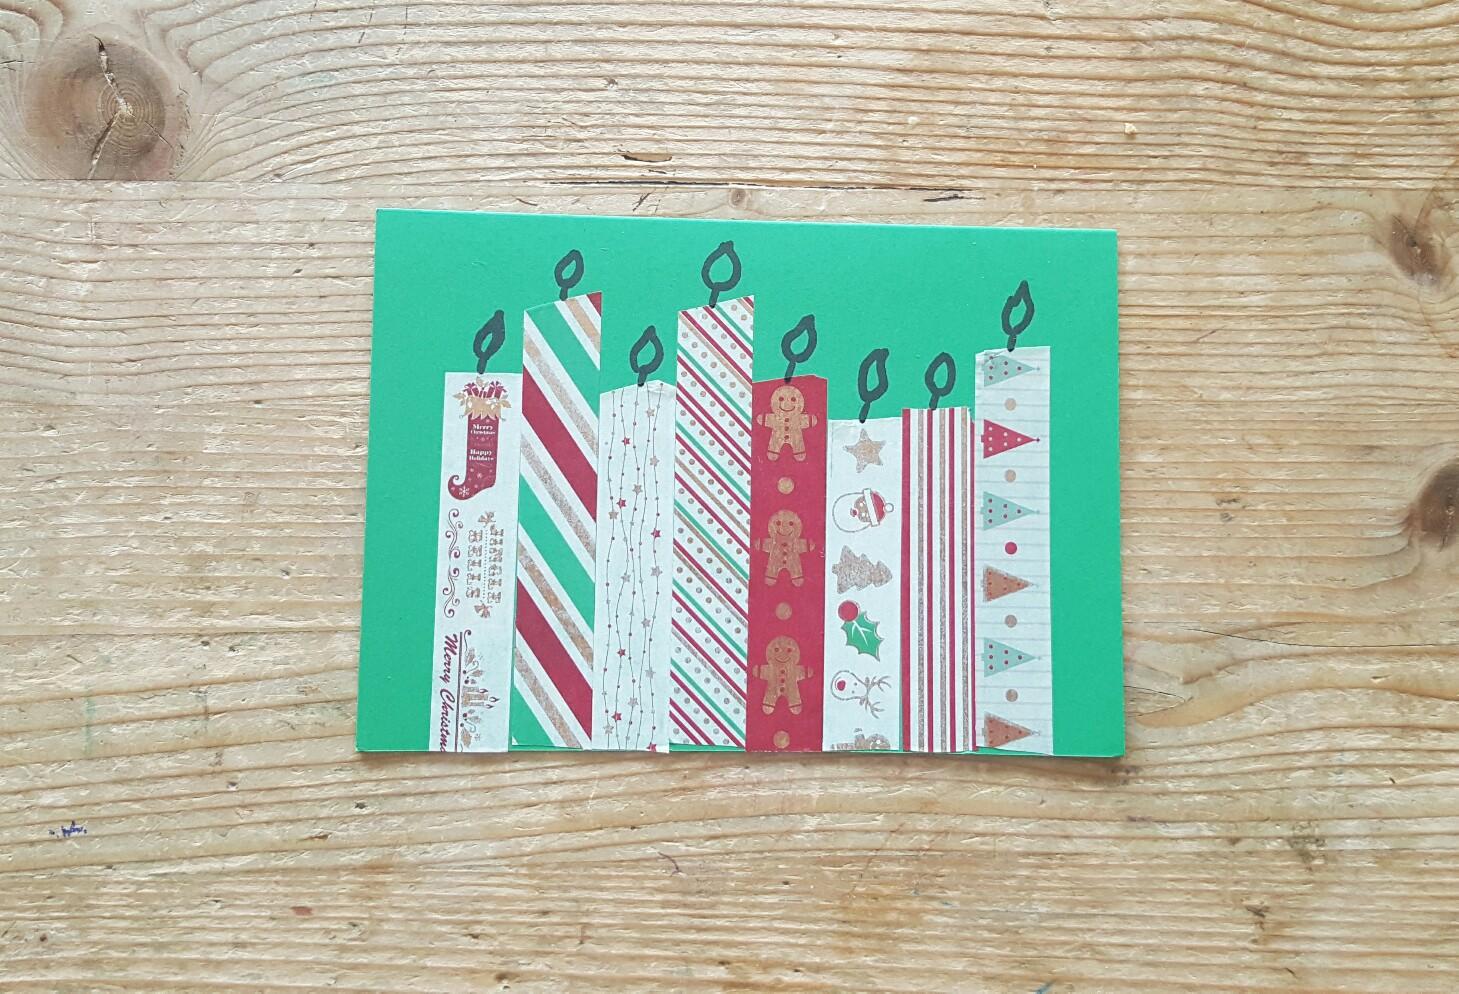 Kinderleichte Weihnachtskarten mit Kerzen als Motiv.